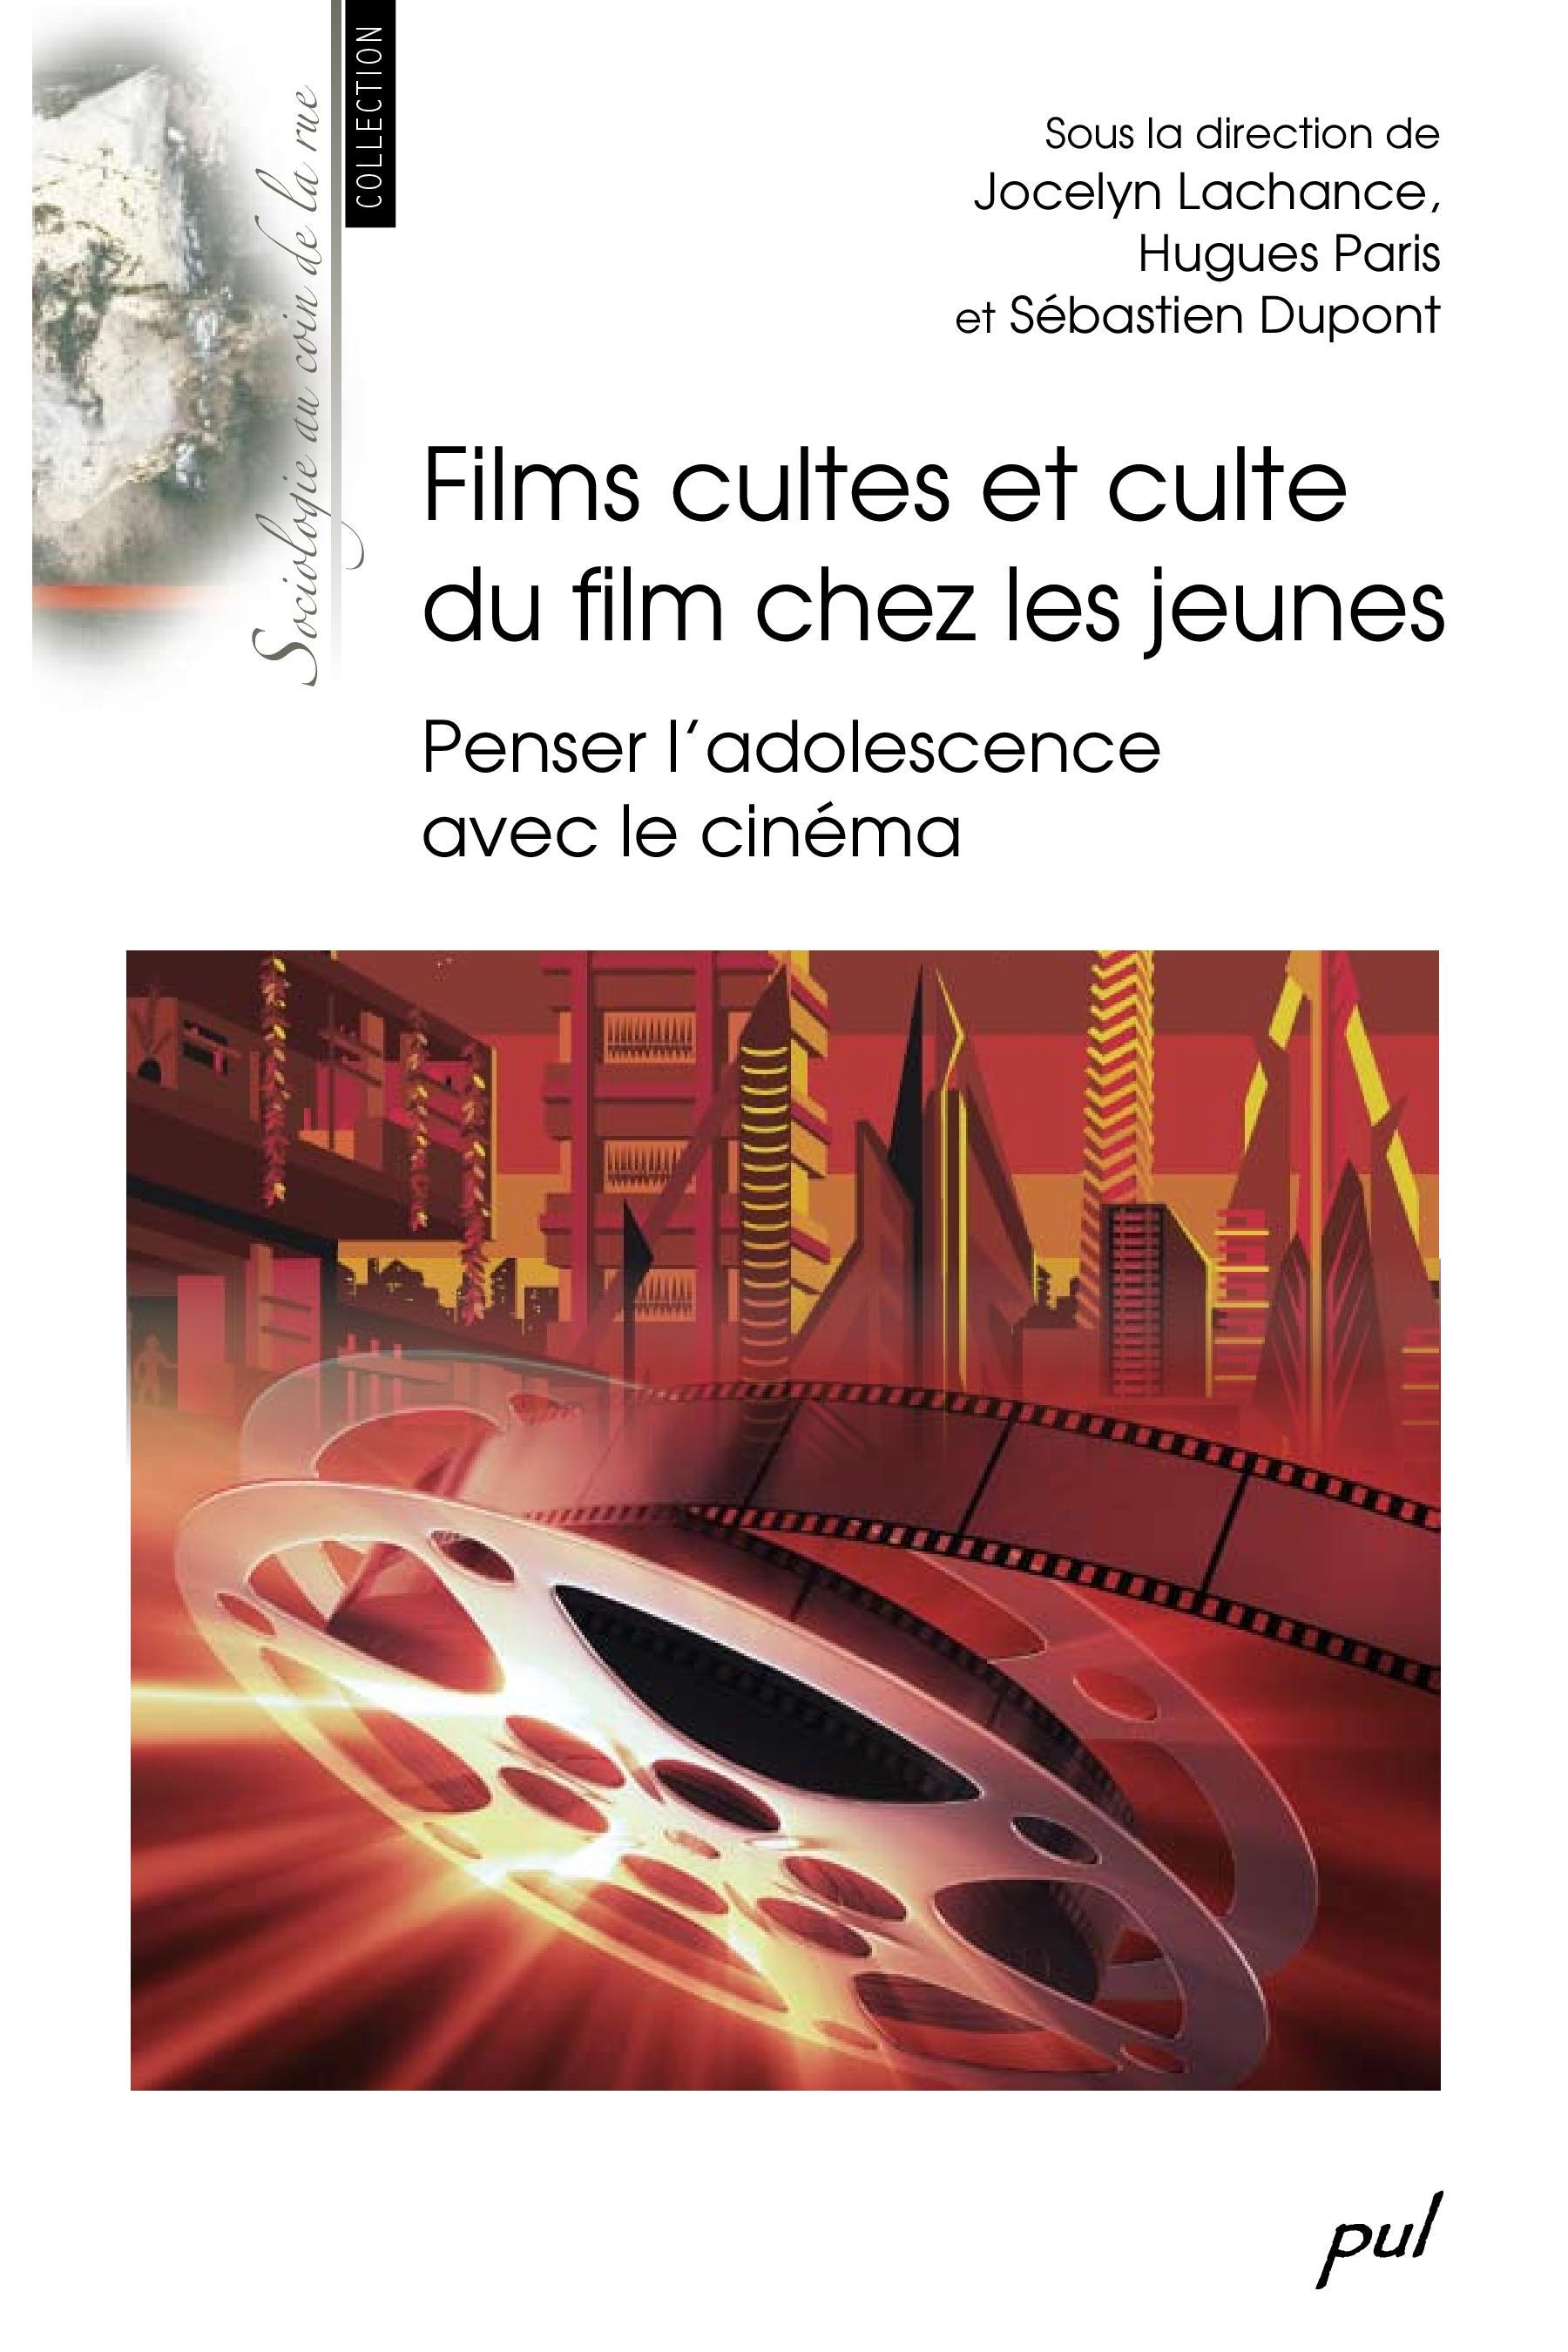 Films cultes et culte du film chez les jeunes